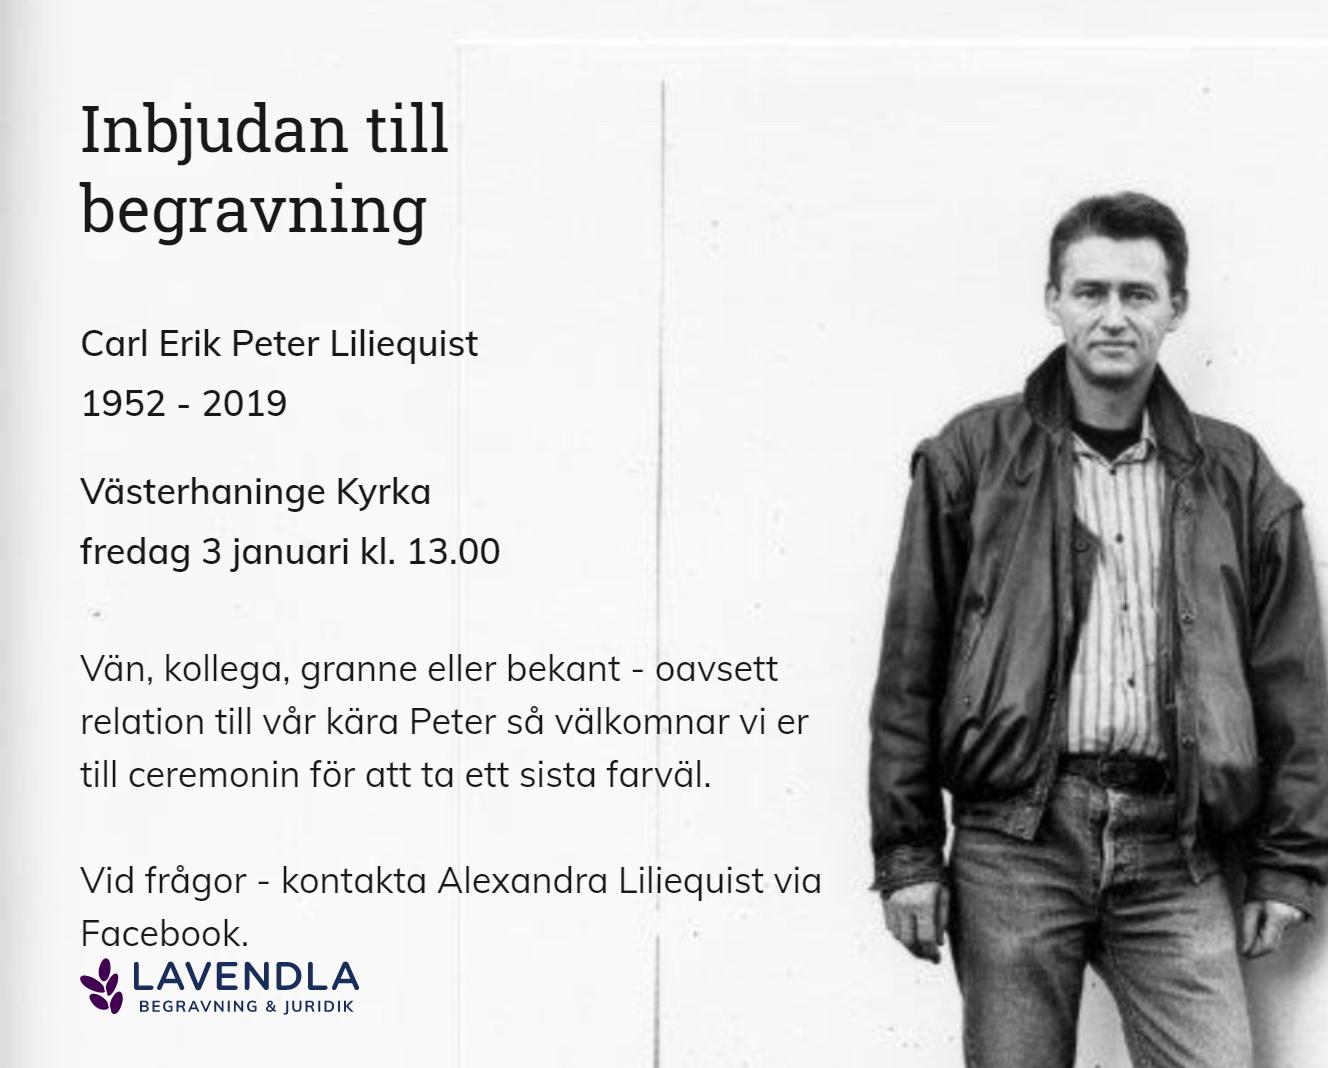 Inbjudningskort till ceremonin för Carl Erik Peter Liliequist